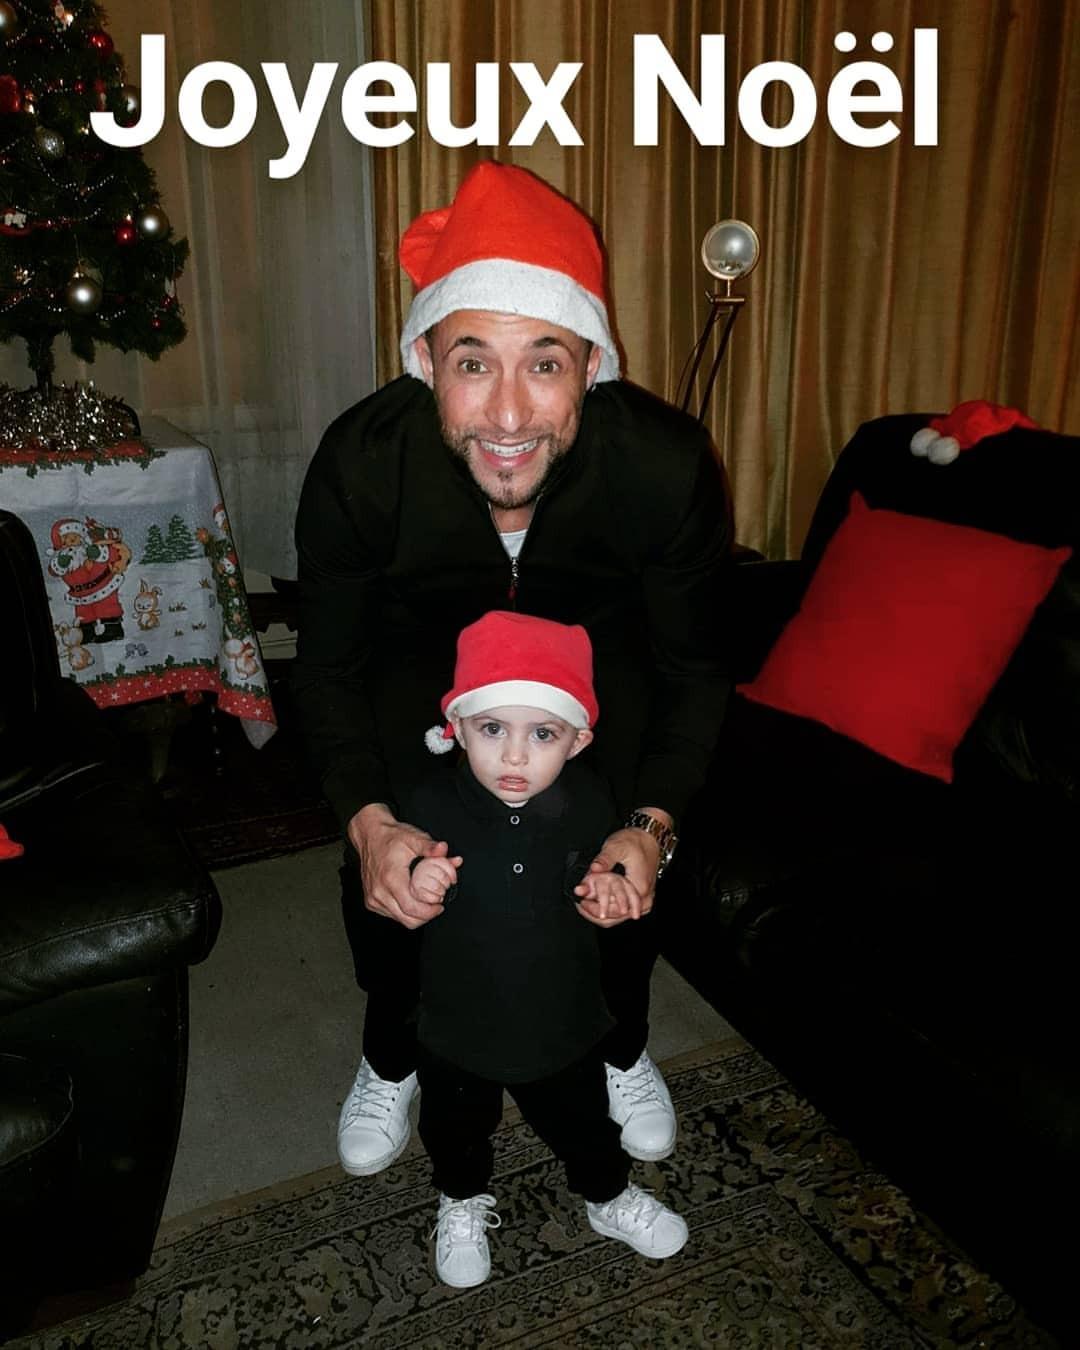 On Vous Souhaite Un Joyeux Noël : souhaite, joyeux, noël, Youri, Garfinkiel, Souhaite, Joyeux, Noël...